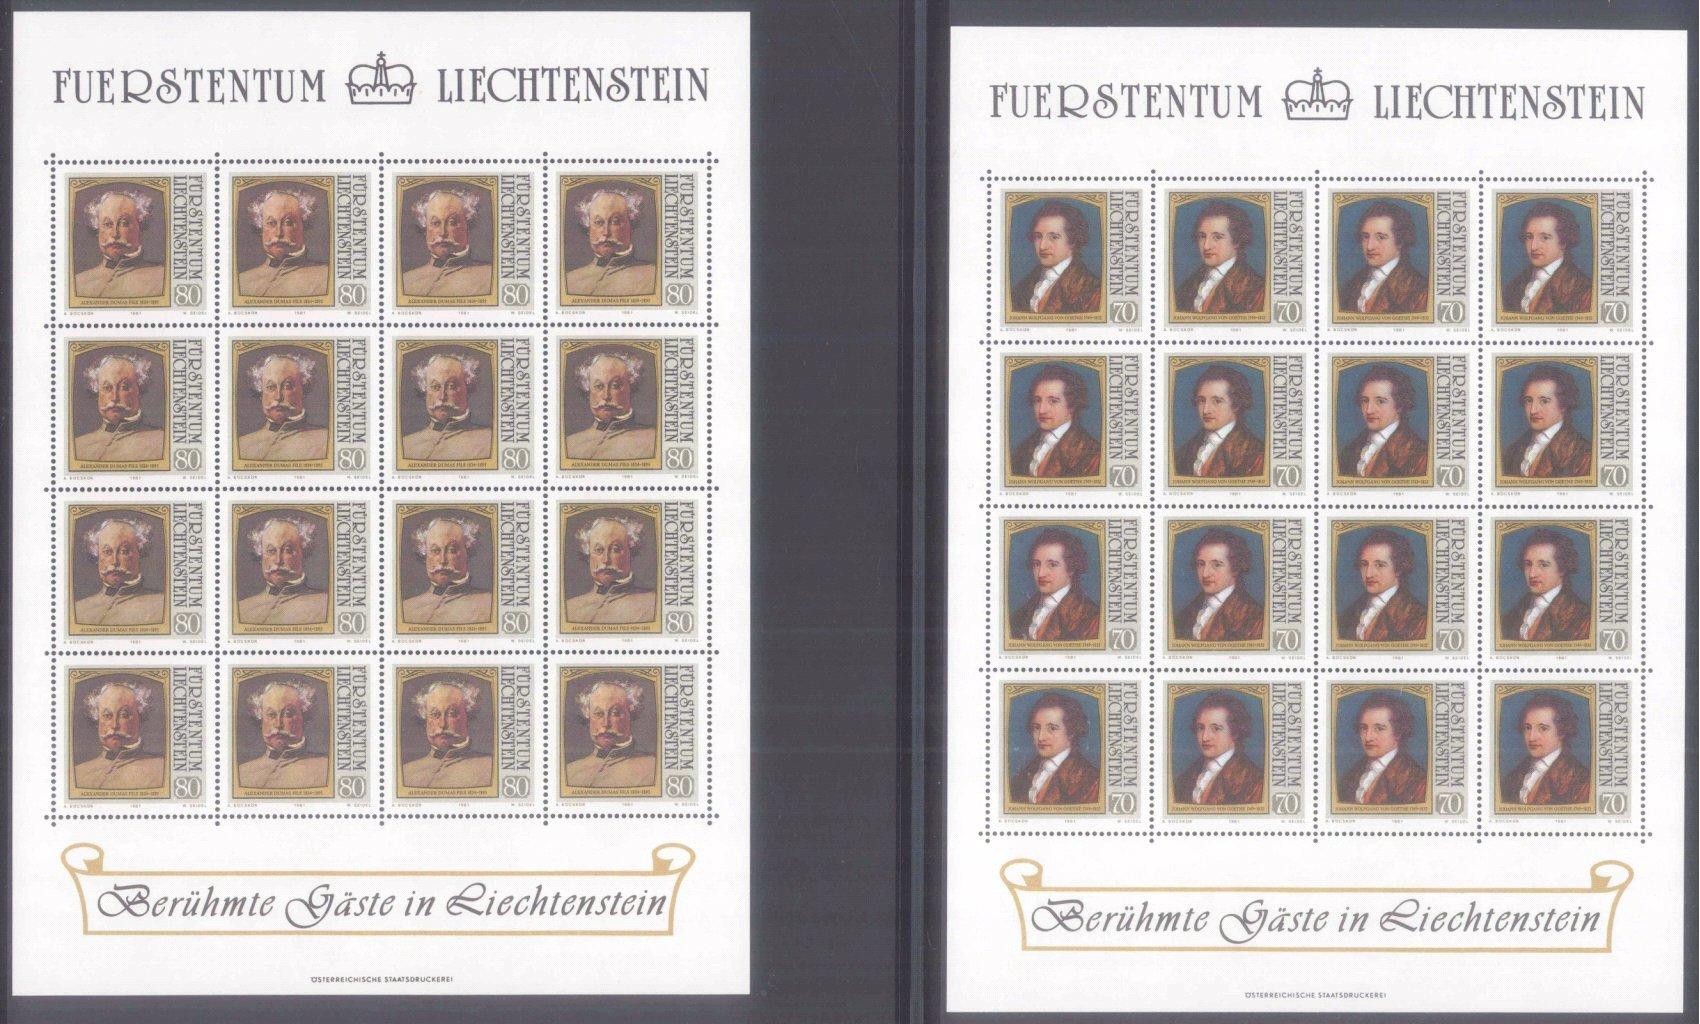 Fürstentum Liechtenstein Bögen 1962-1993-3